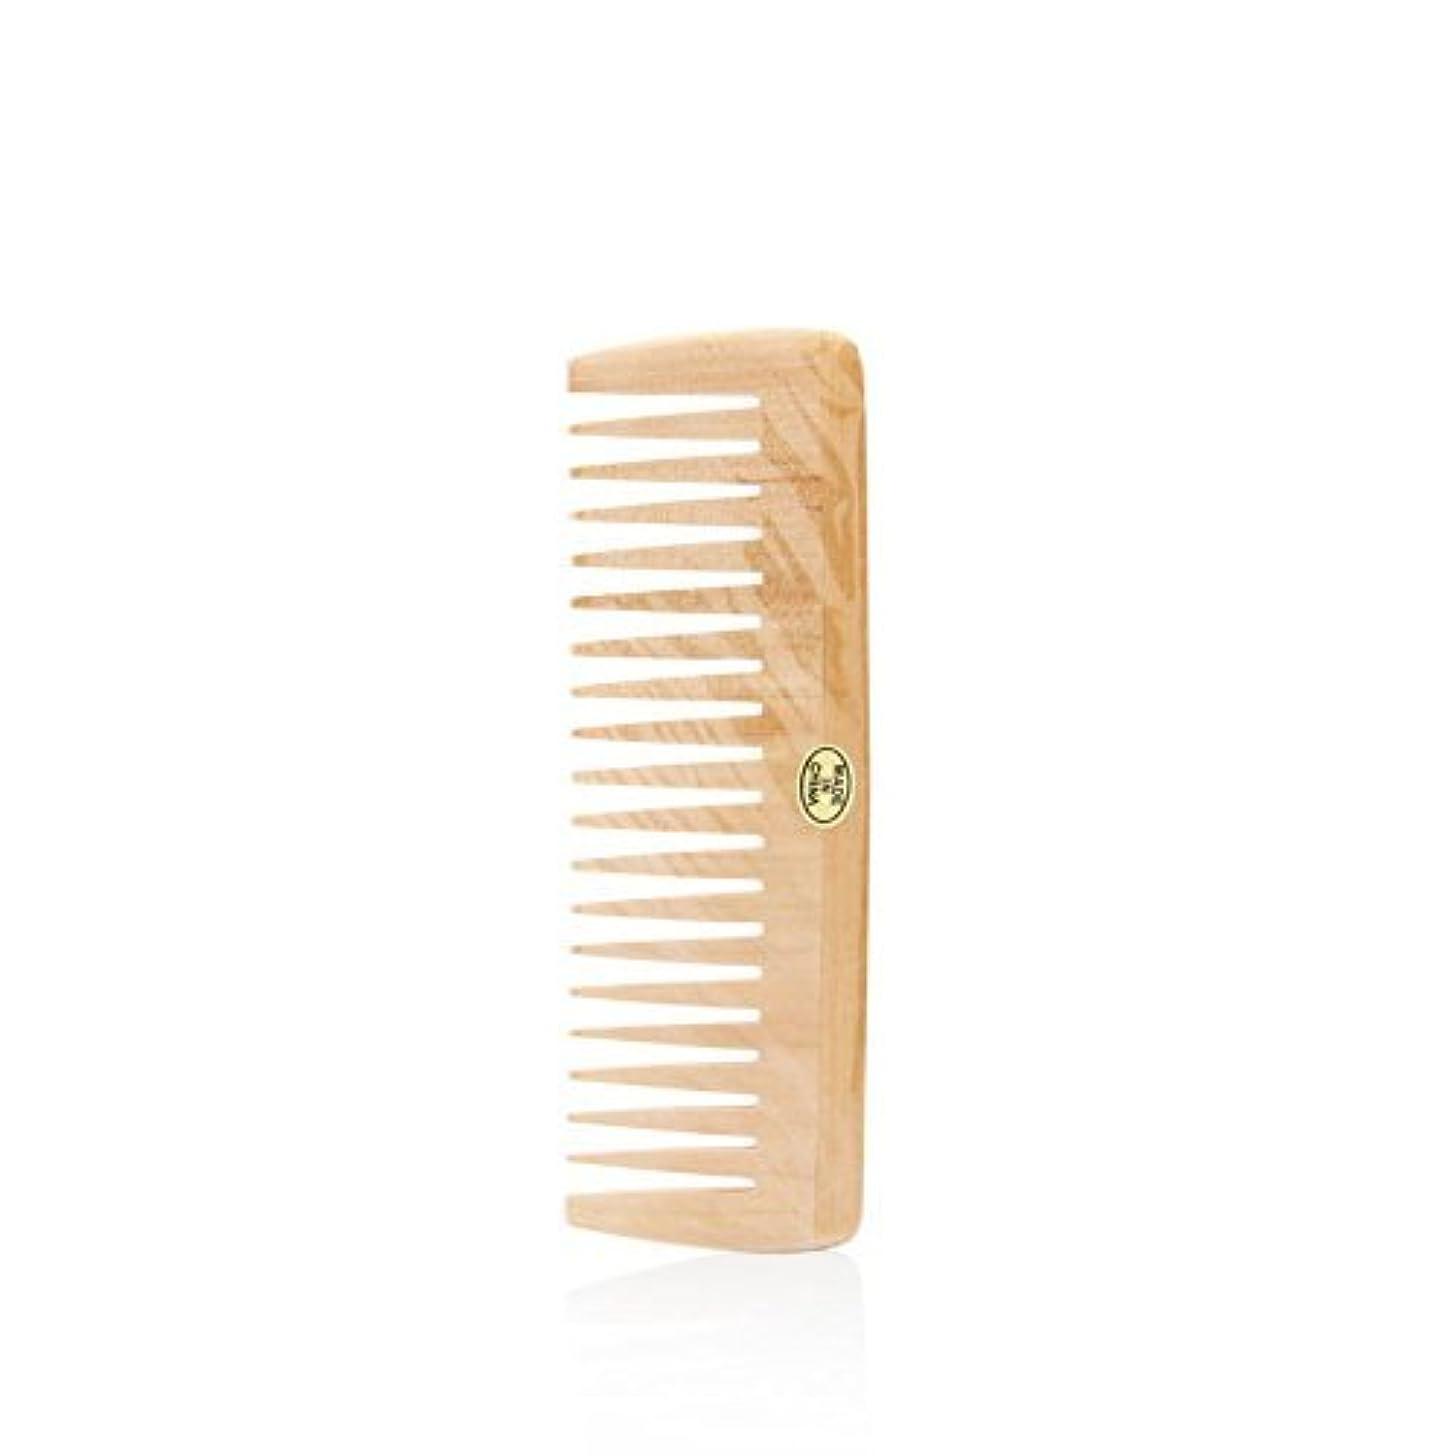 湖東ティモールエスニックBath Accessories Wood Detangling Comb [並行輸入品]